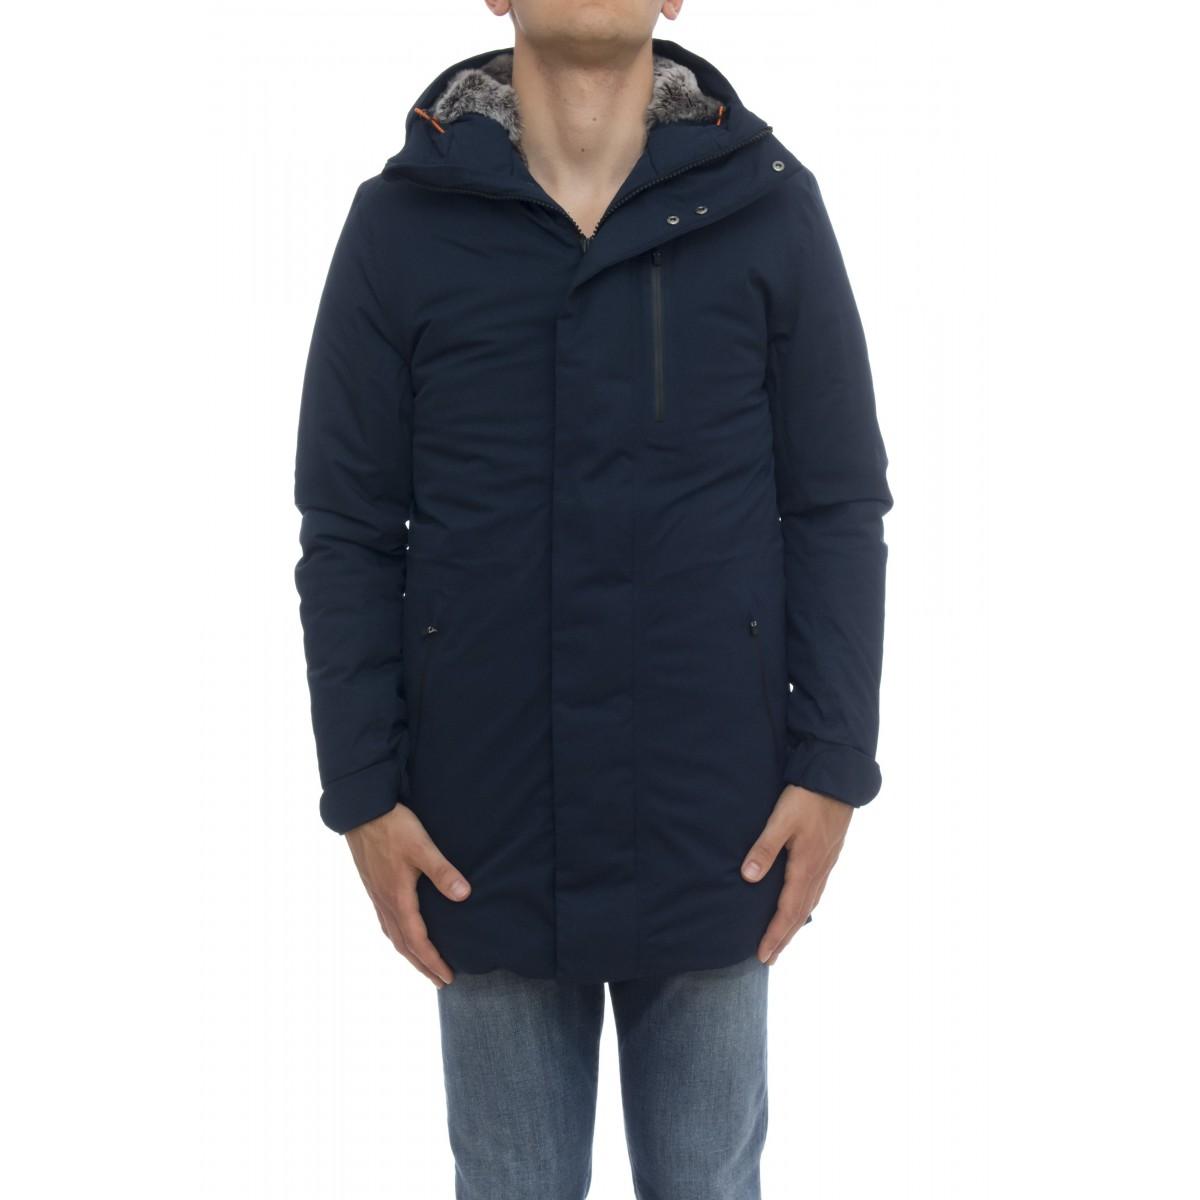 Piumino - D4344m town9 cappottino twill pelo effetto lana